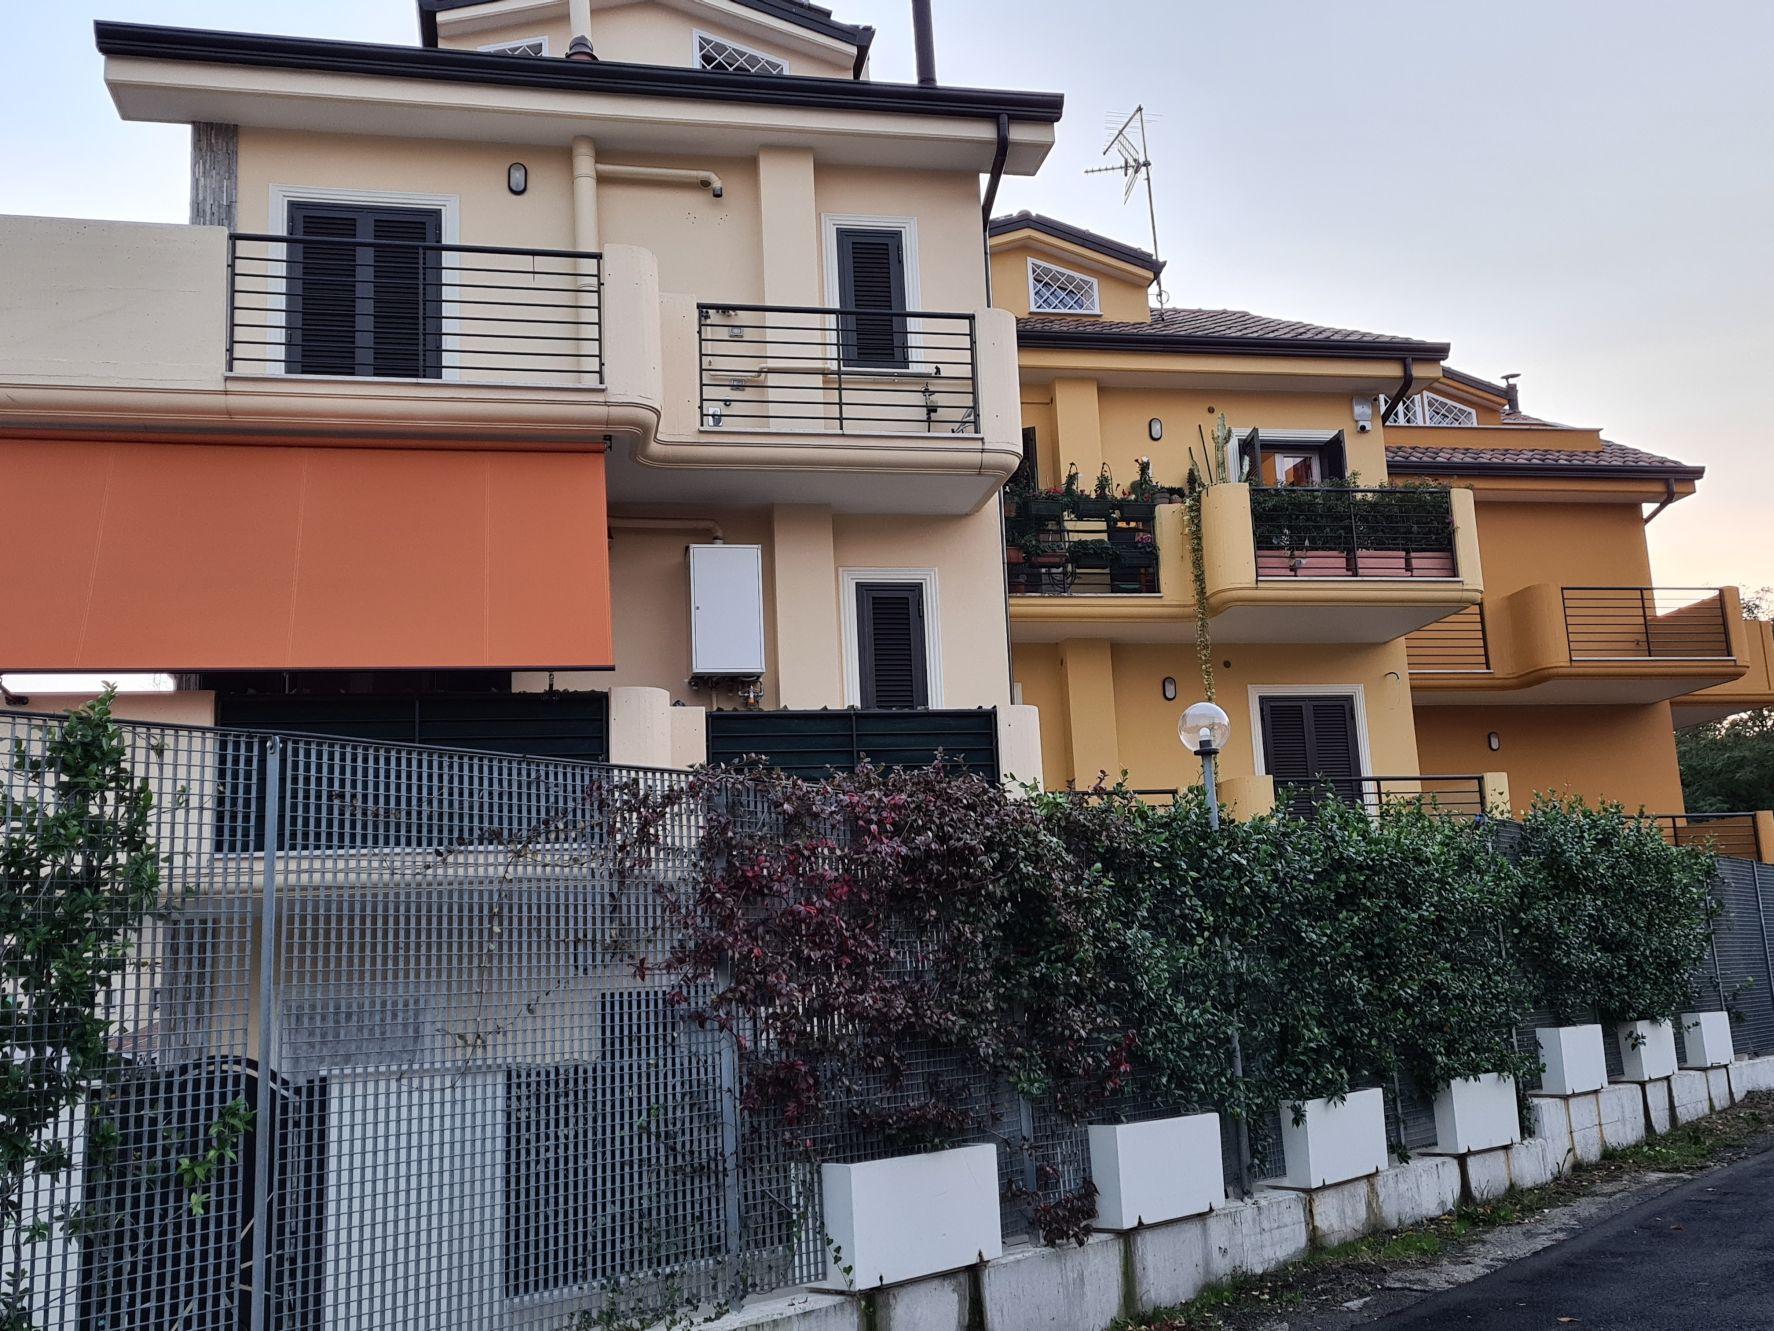 Covid: meglio farsi casa fuori Roma. Mille persone al mese lasciano la capitale